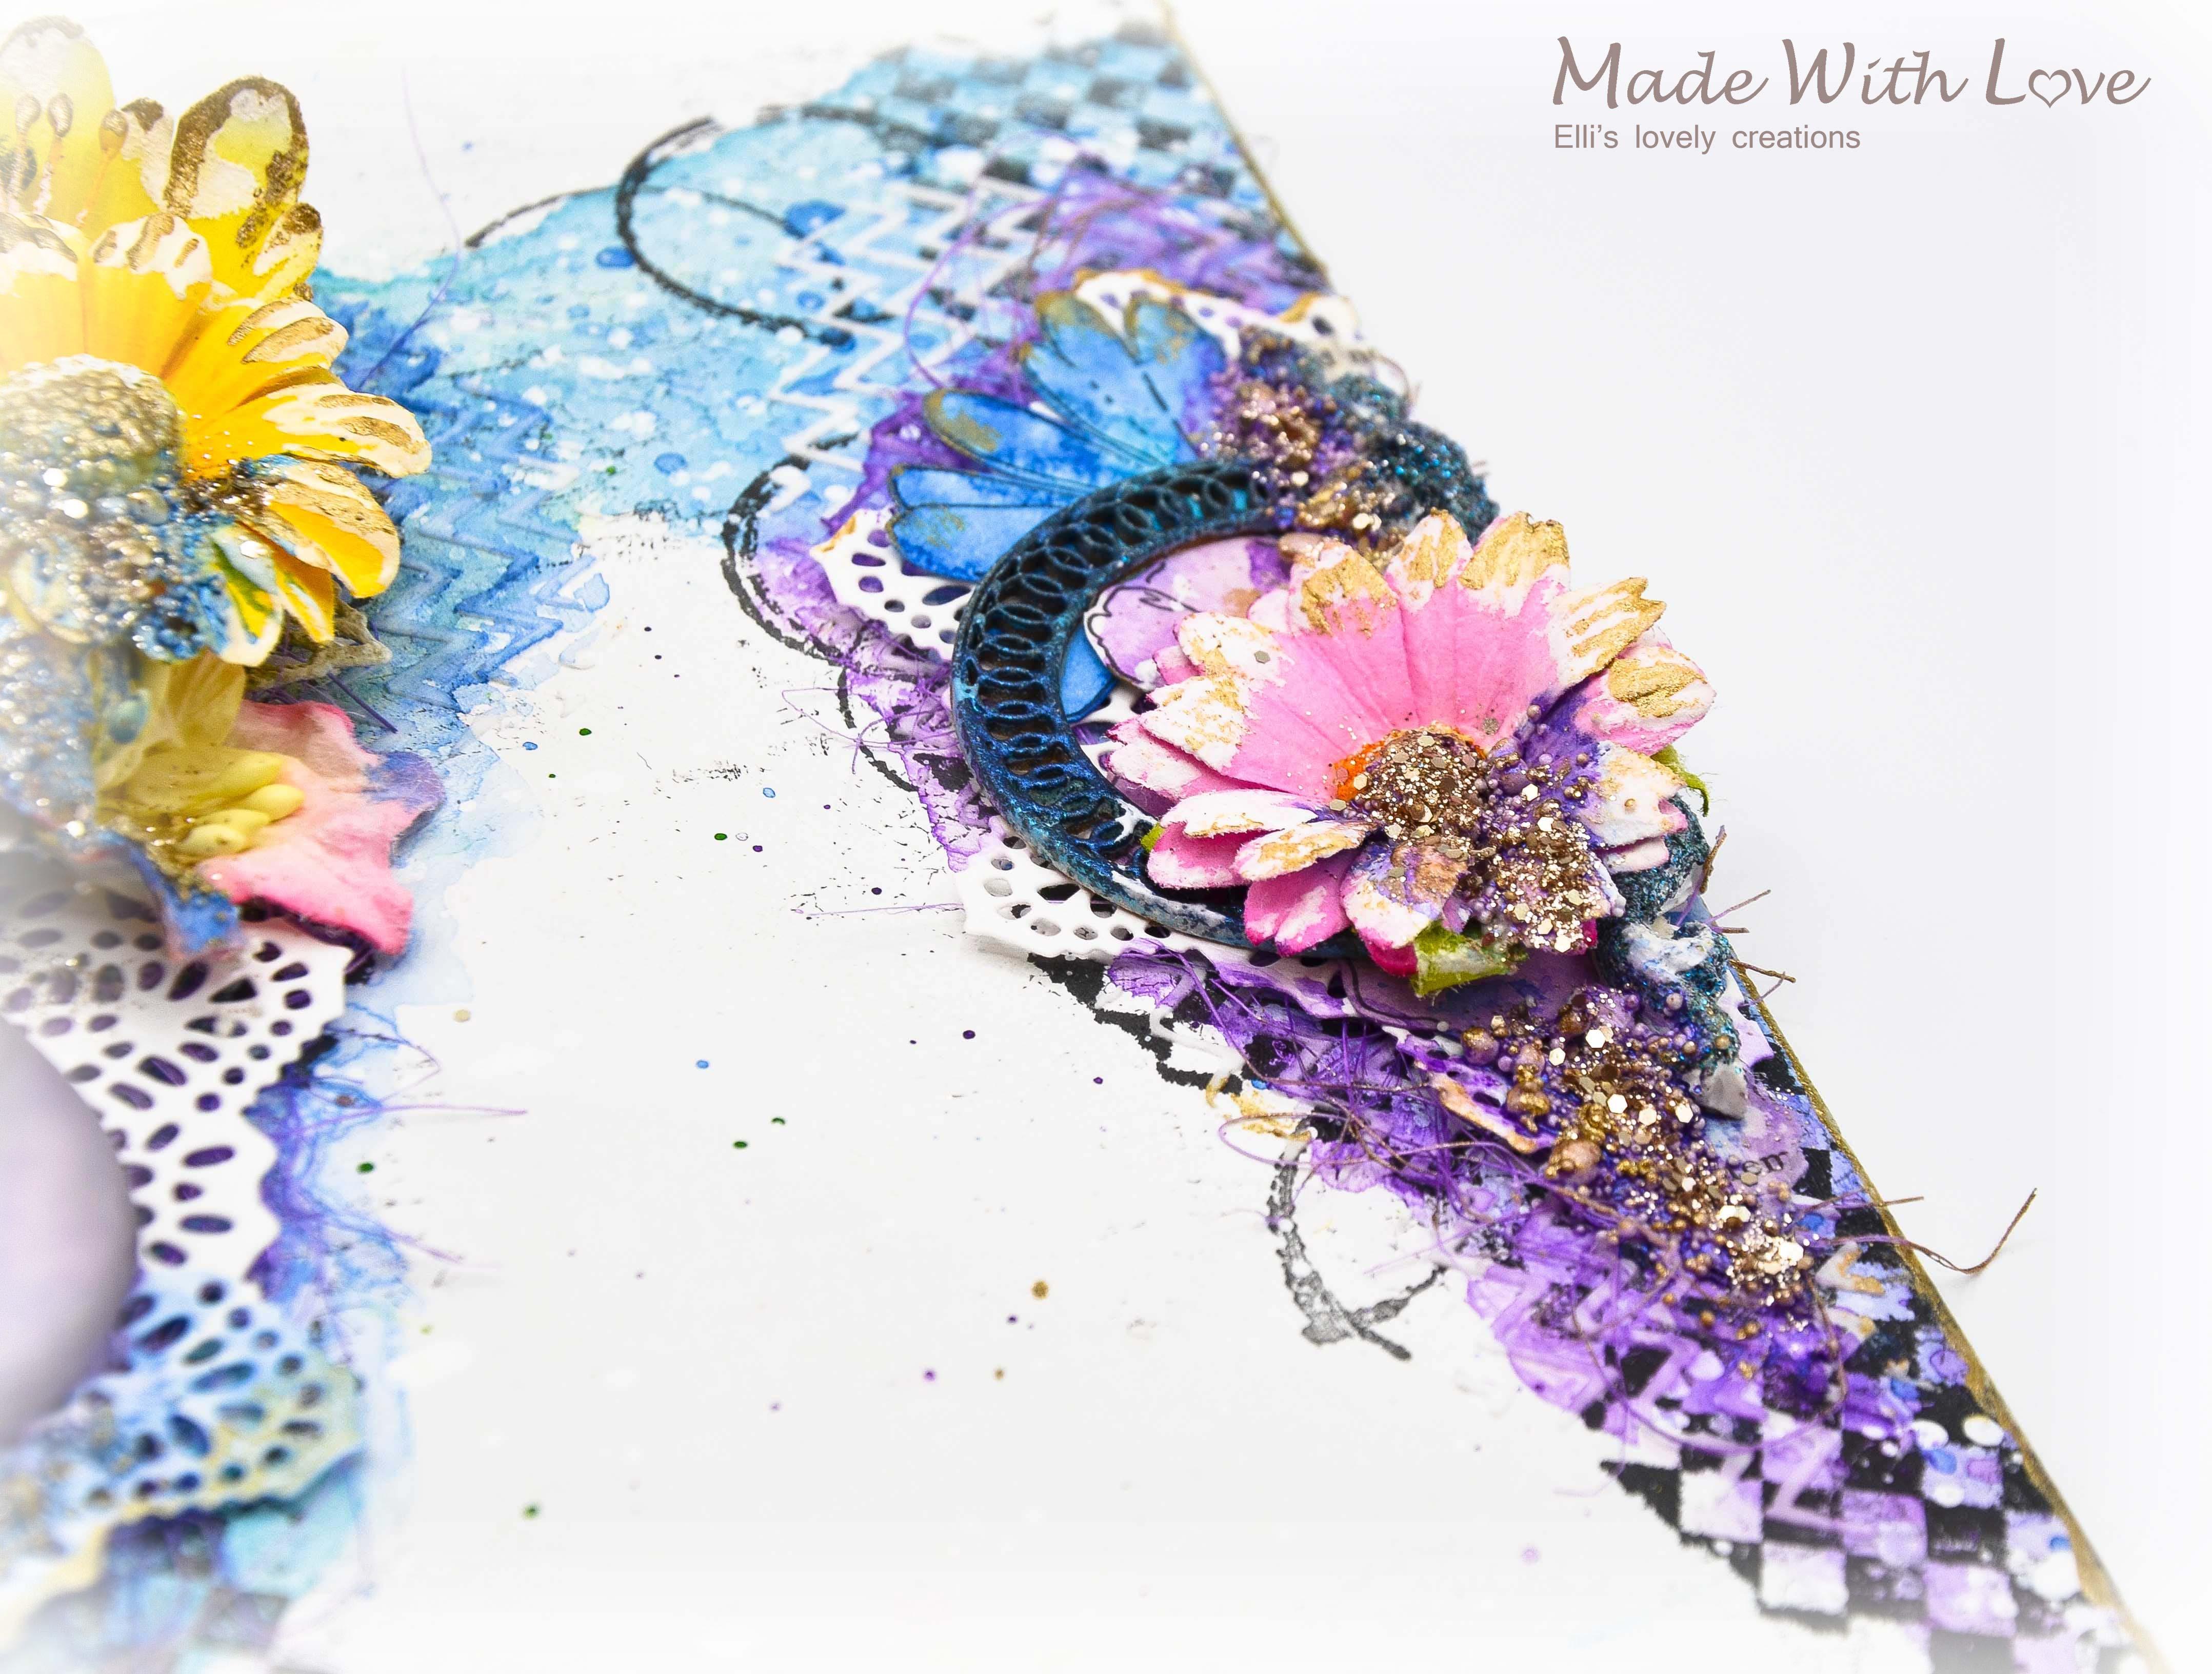 Mixed Media Summer Garden Wedding Album Cover Enjoy 008